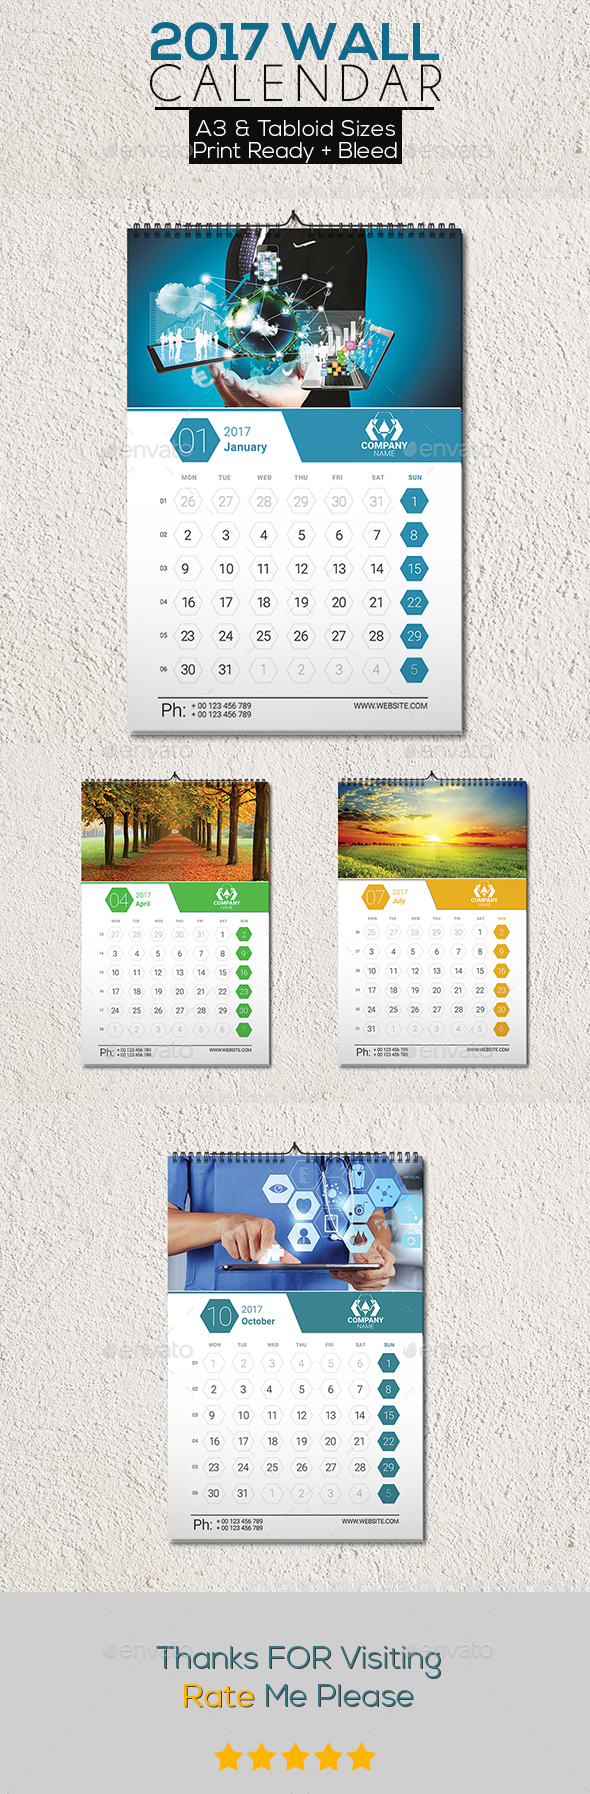 Clean 2017 Wall Calendar